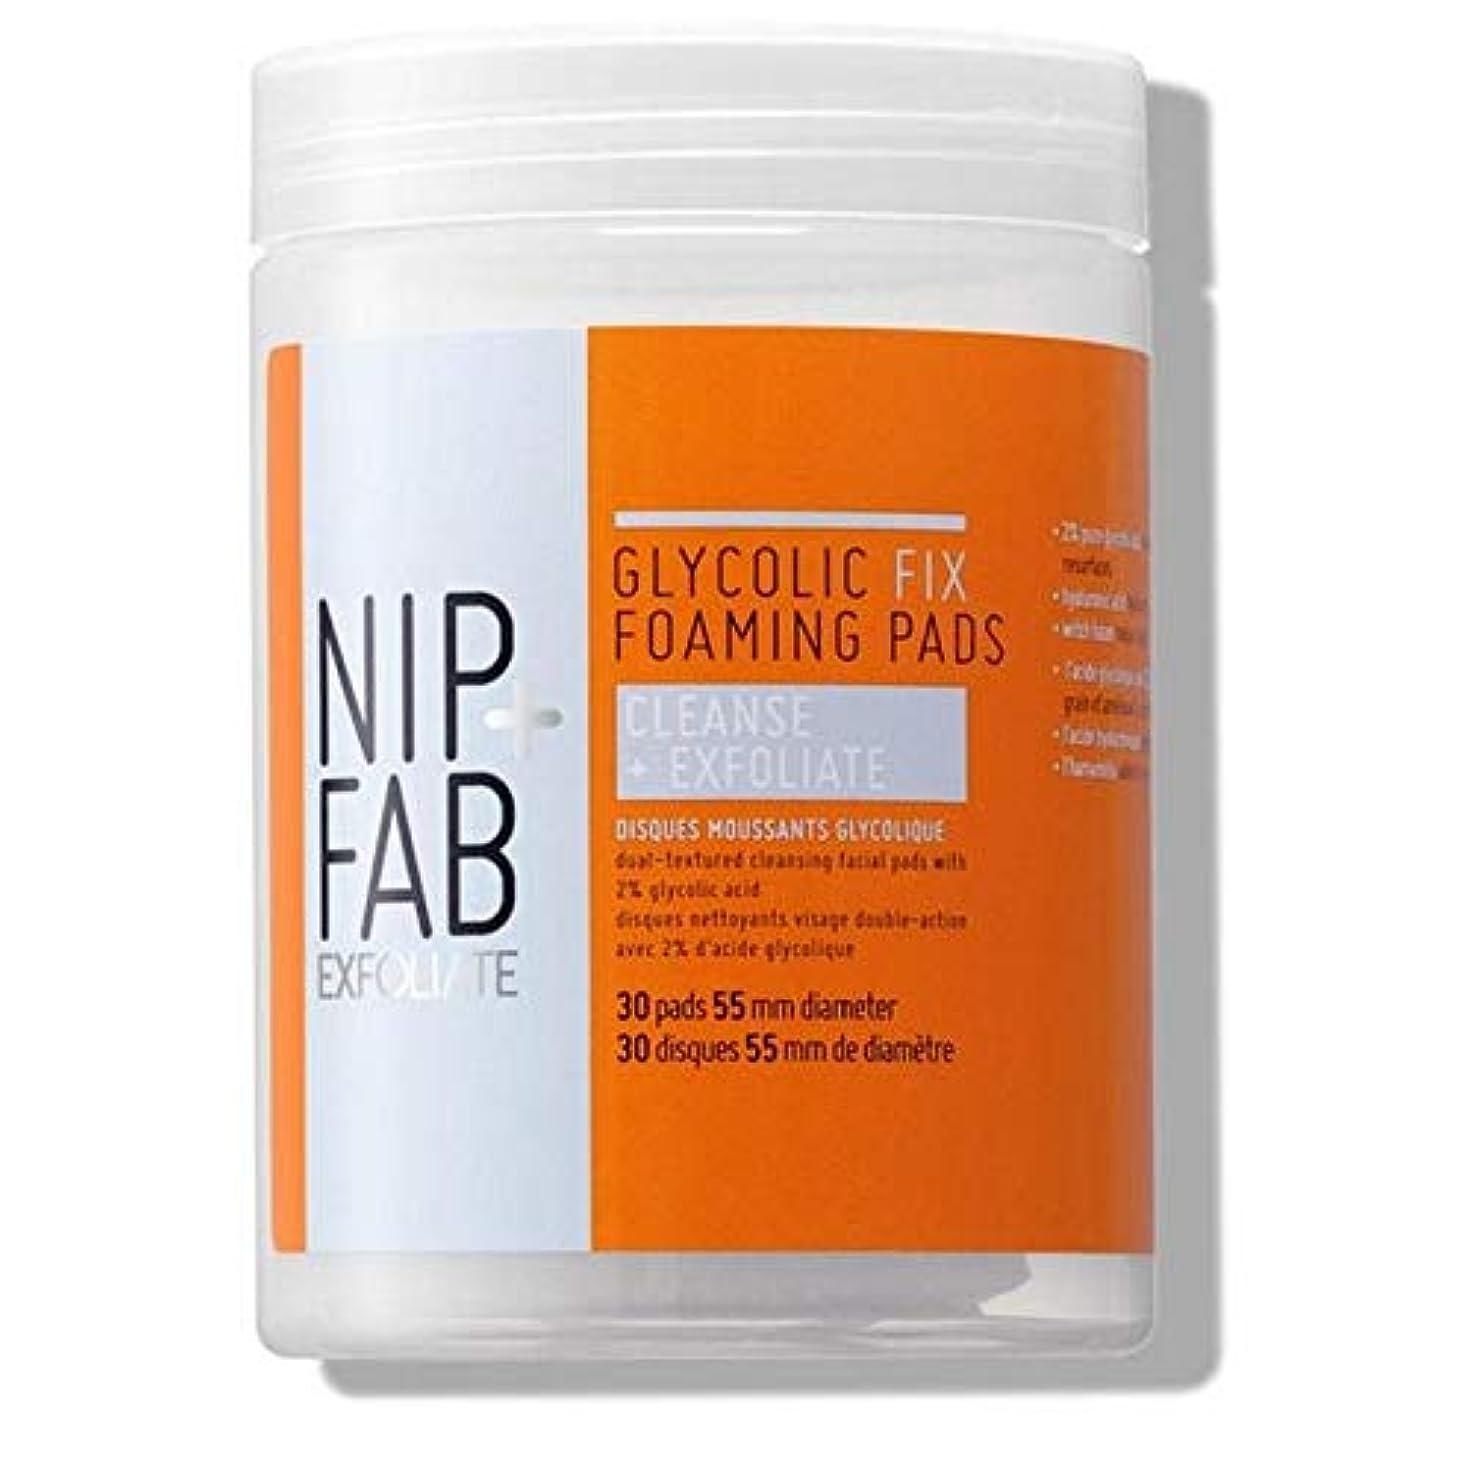 無意識生きている狂った[Nip & Fab] + Fabグリコール修正発泡パッド95ミリリットルニップ - Nip+Fab Glycolic Fix Foaming Pads 95ml [並行輸入品]